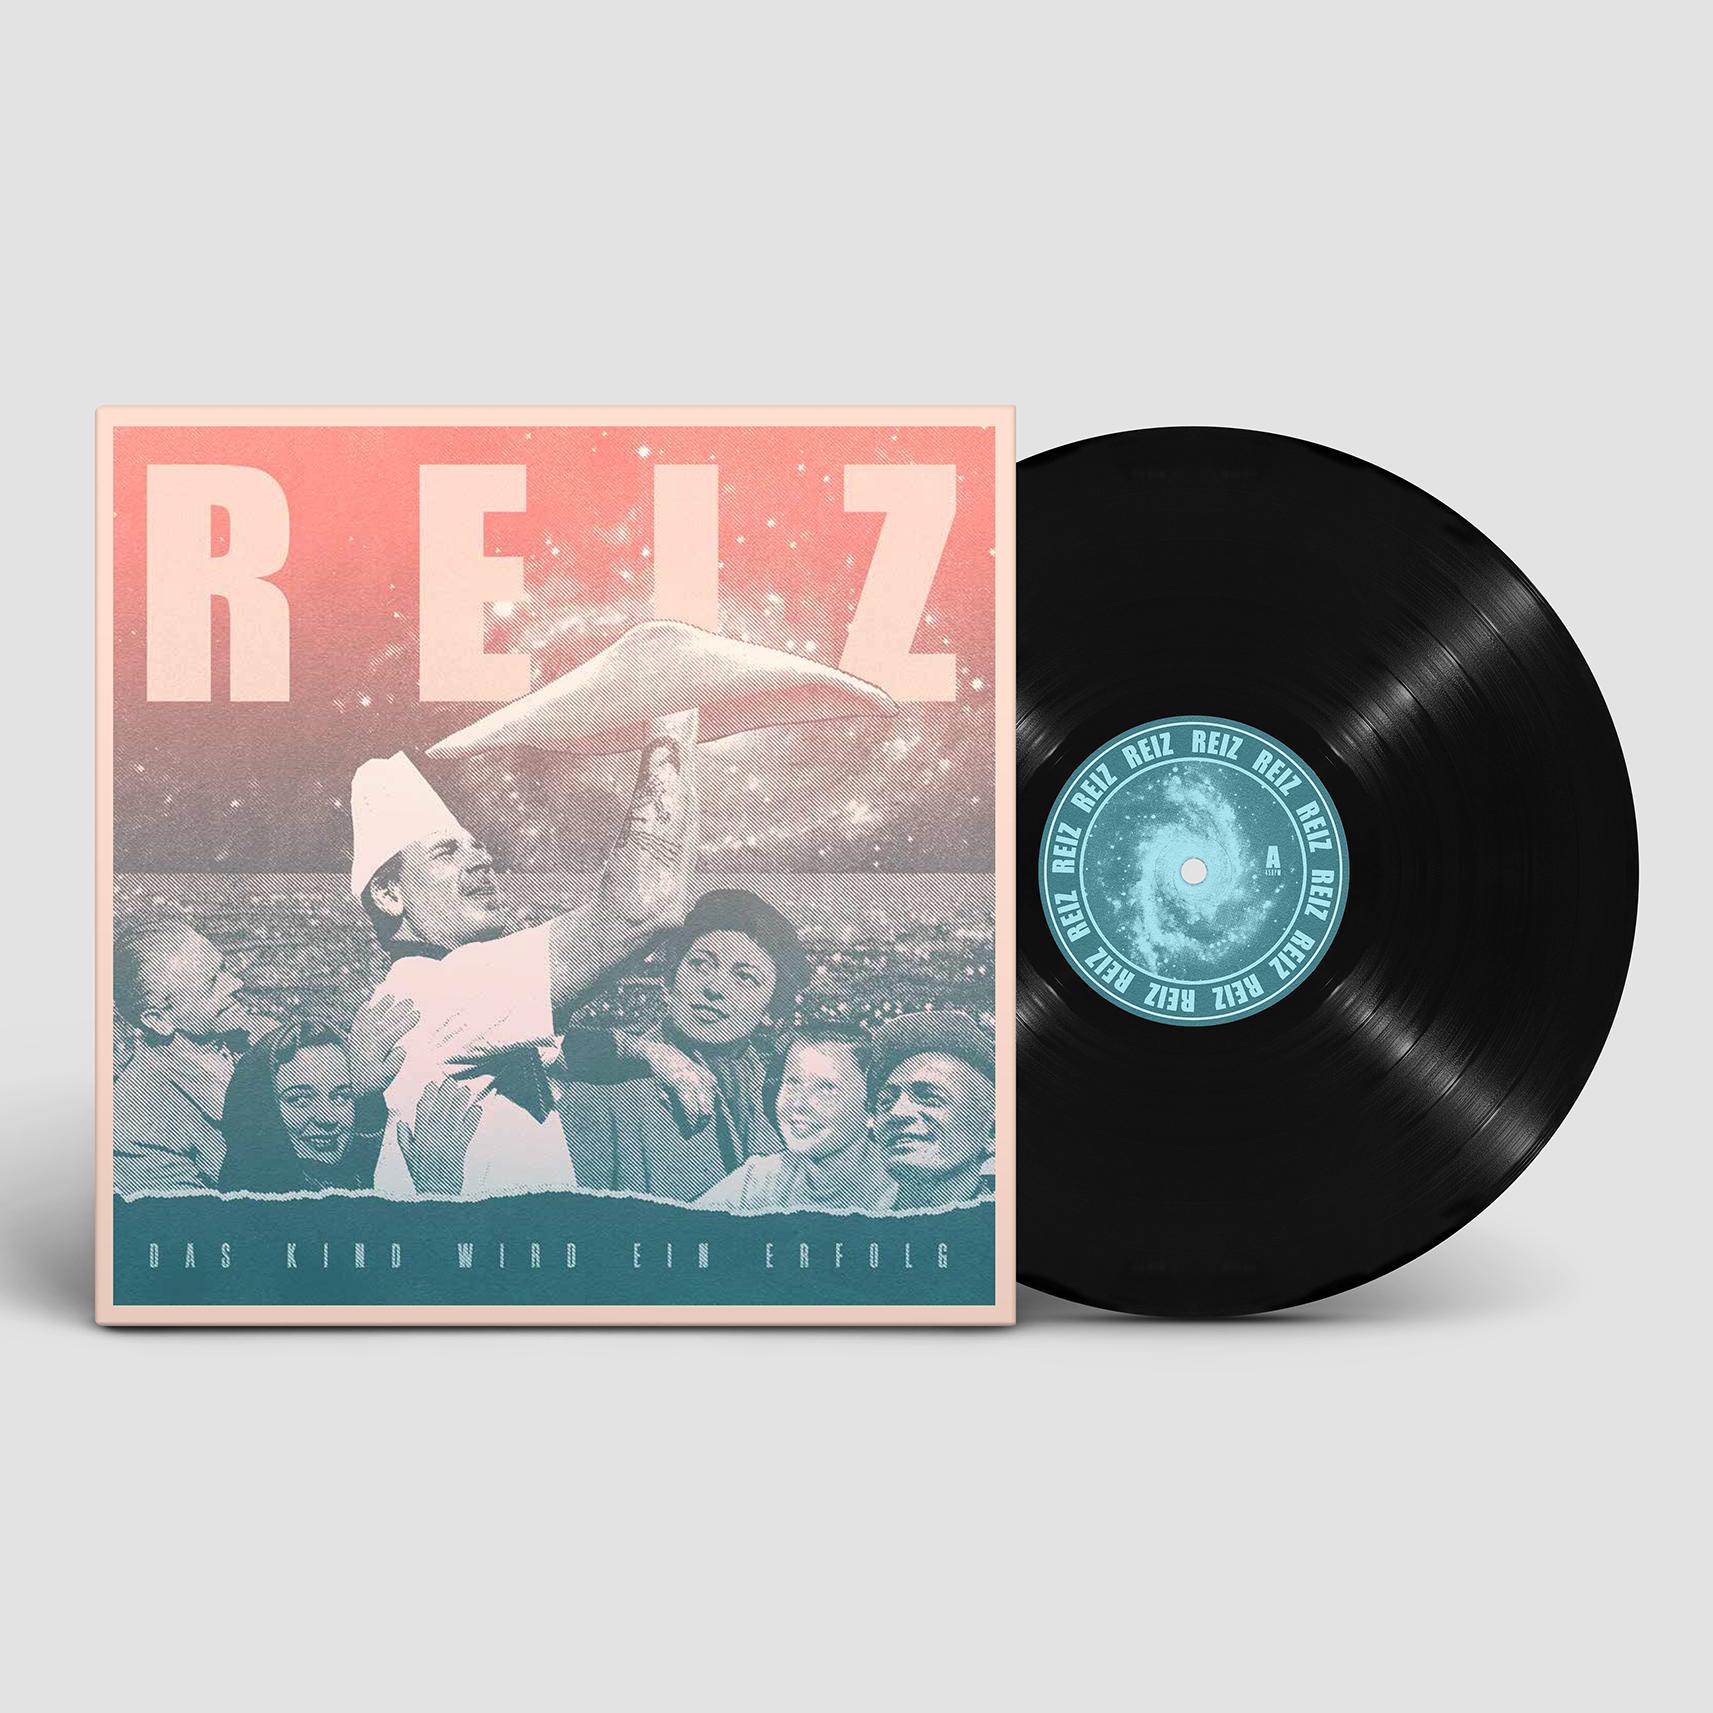 REIZ - Das Kind wird ein Erfolg LP